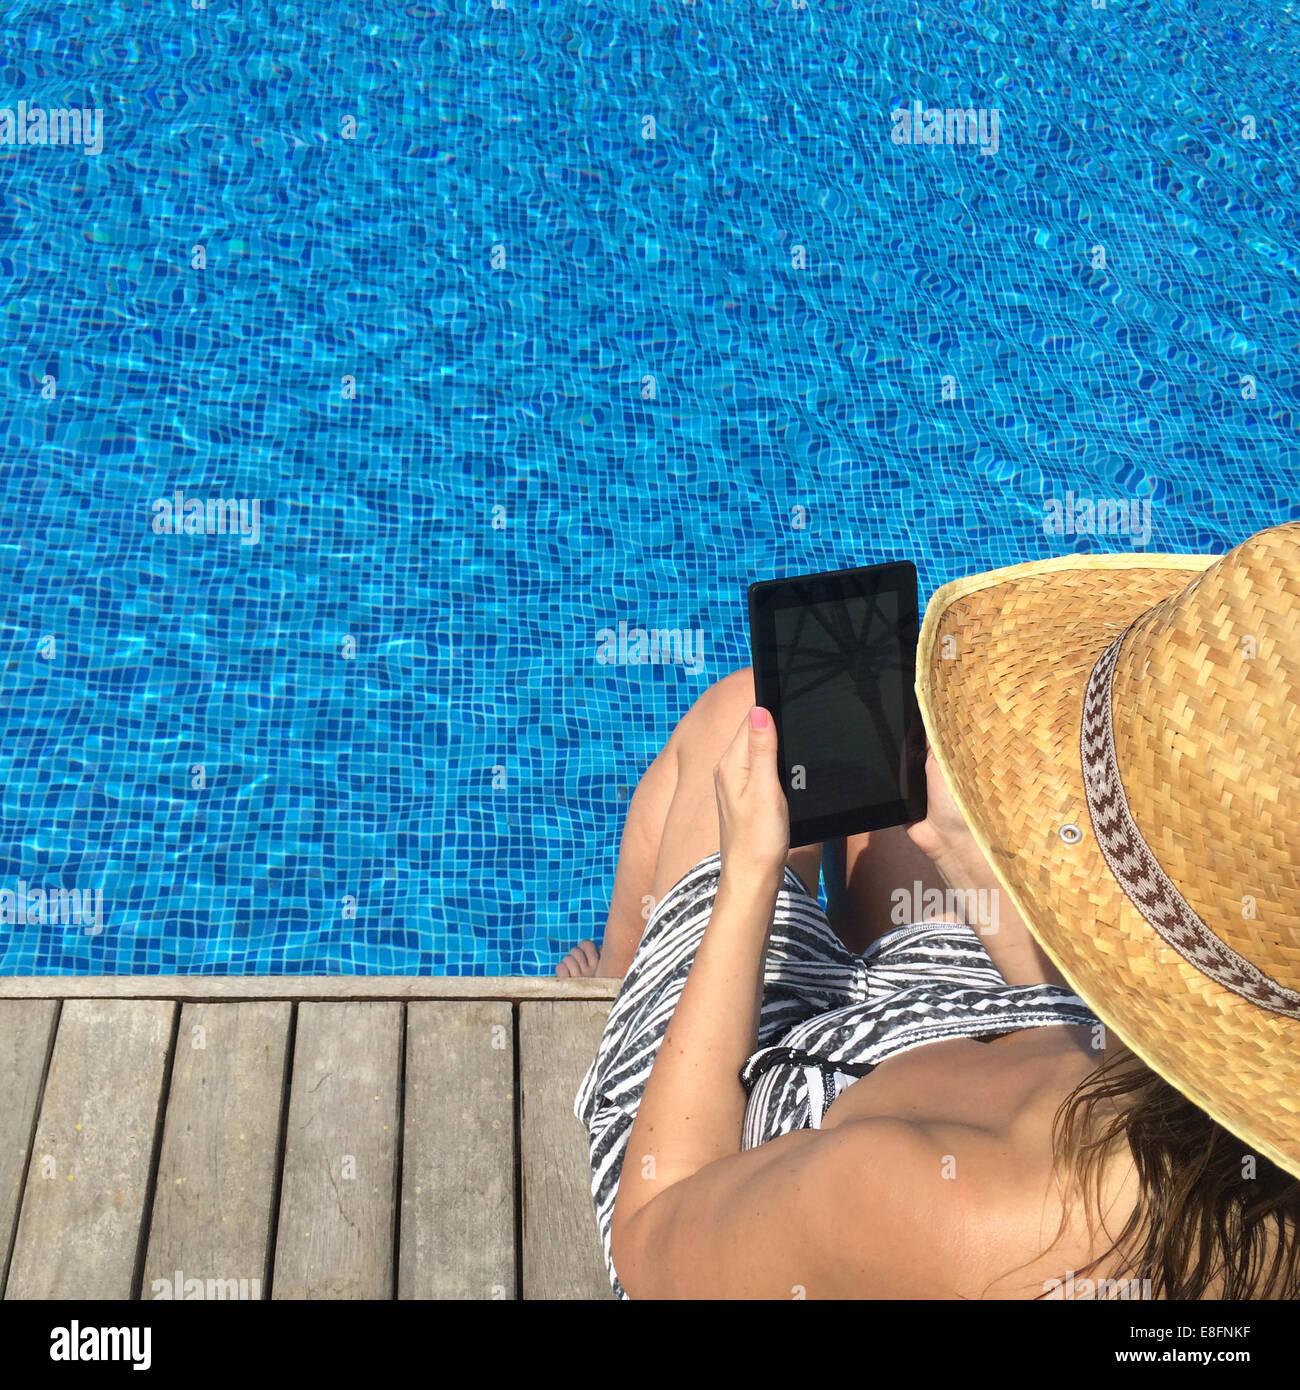 Donna con tavoletta digitale seduta sul bordo della piscina Immagini Stock